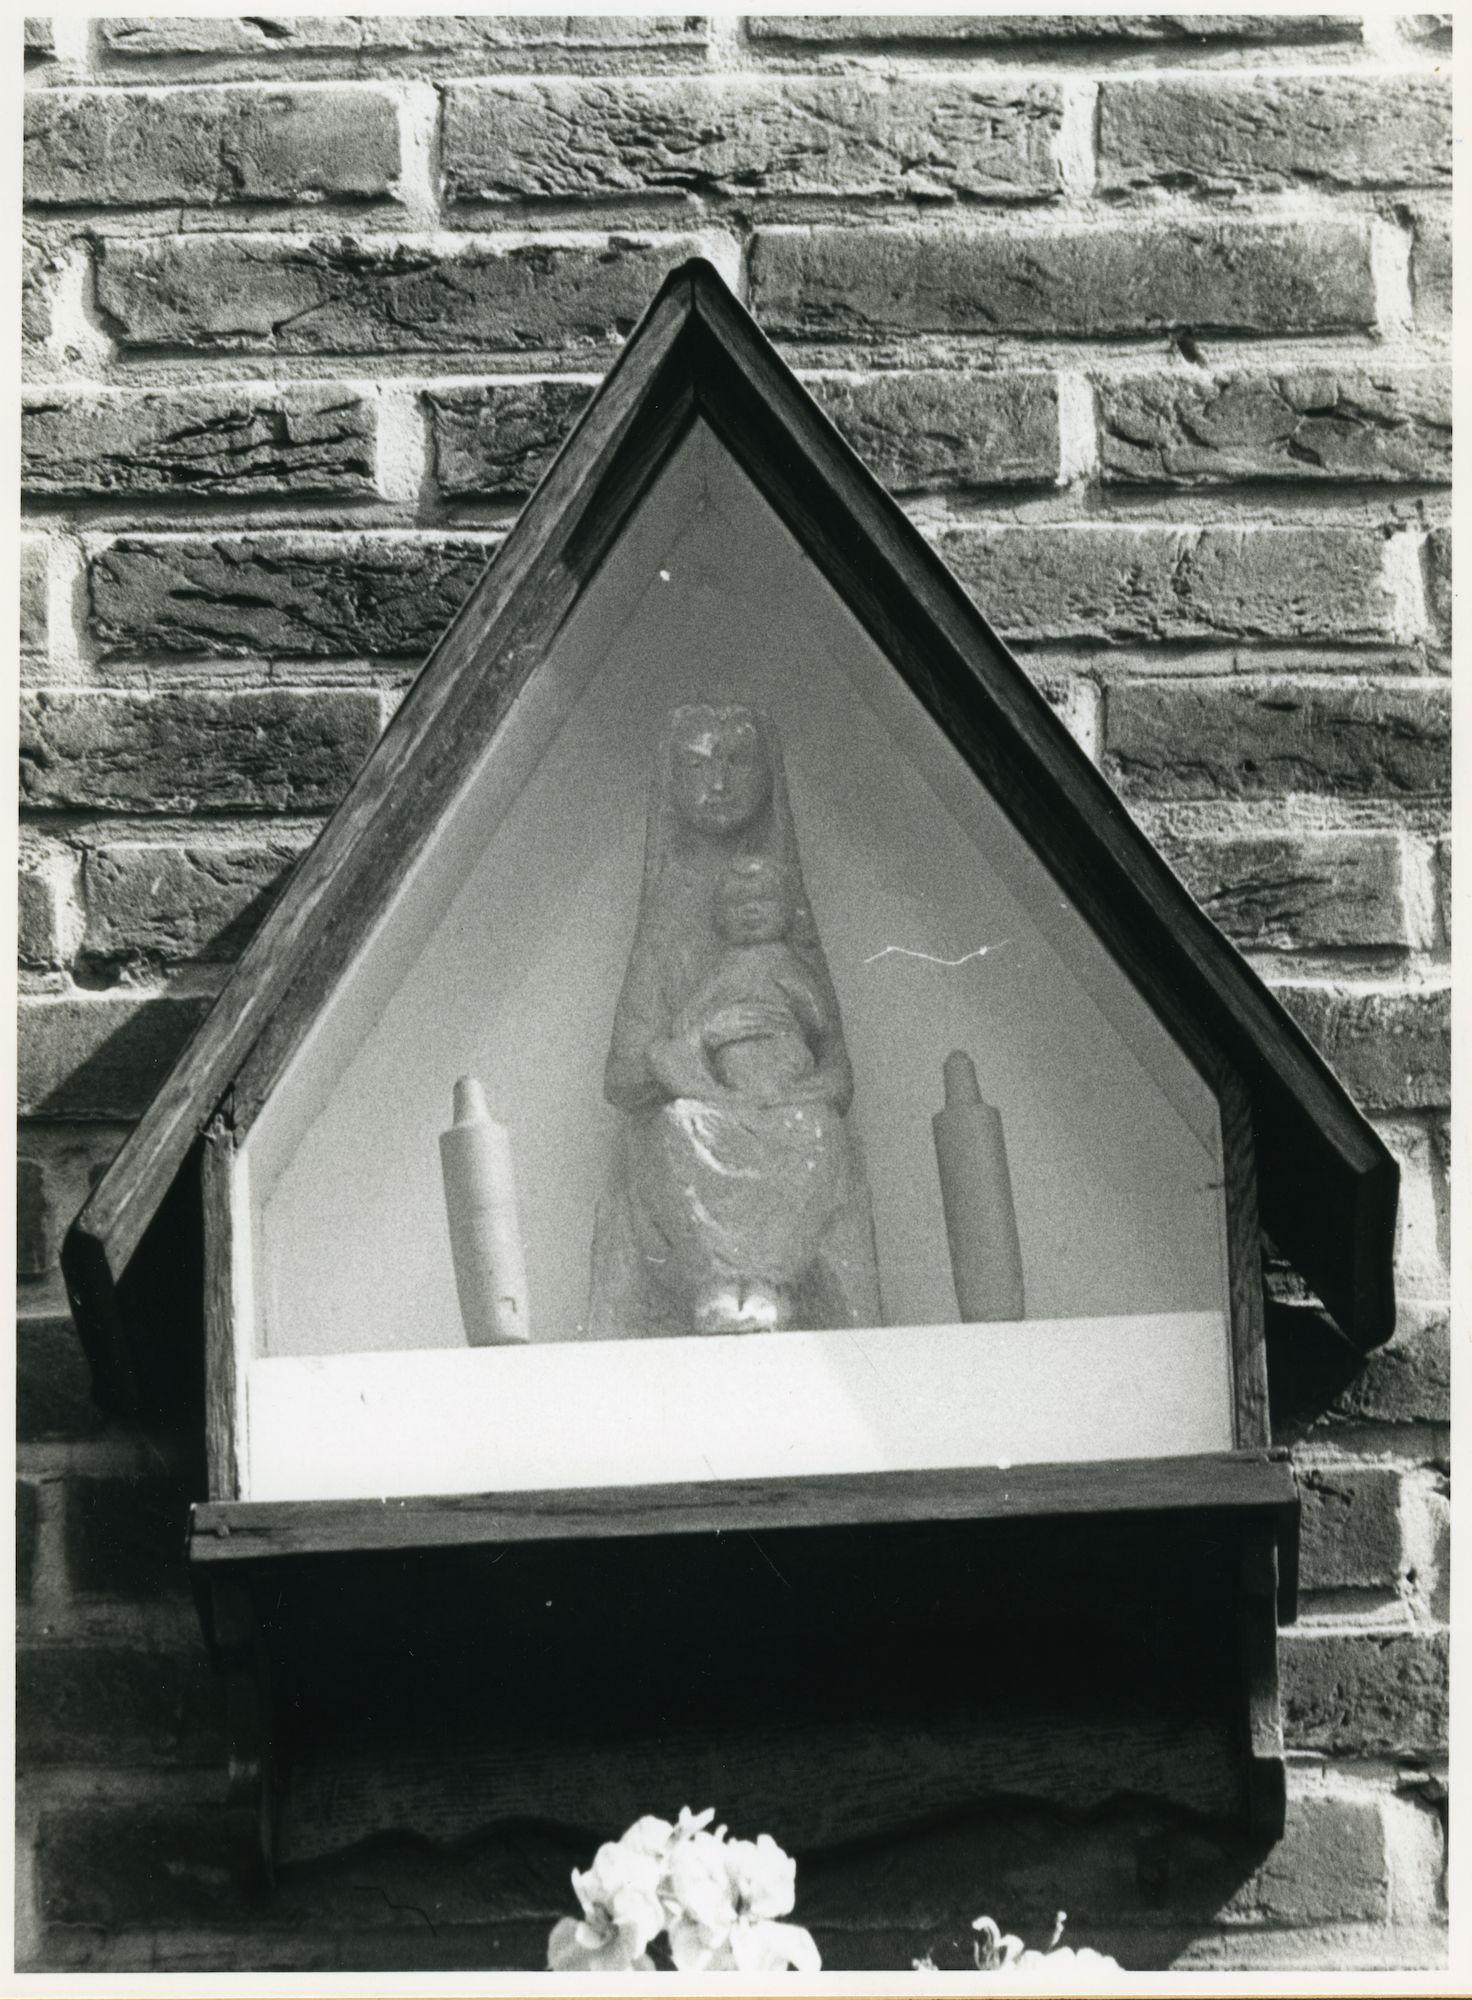 Gent: Zwijnaardse Steenweg 493-495: Gevelkapel, 1979